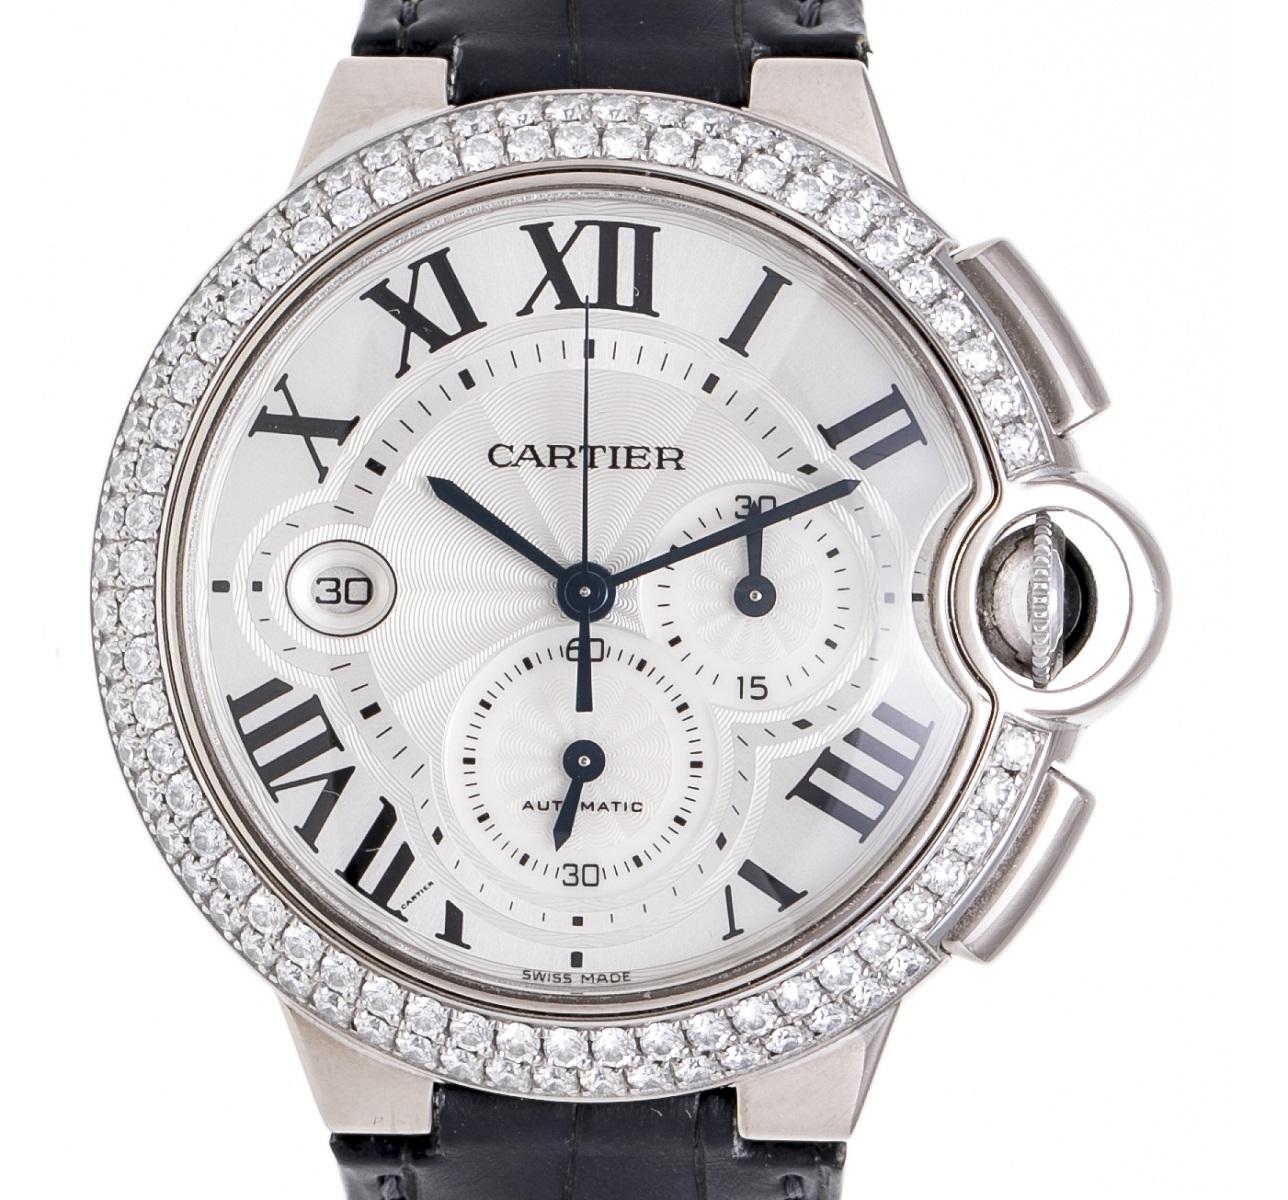 カルティエ Cartier バロンブルー クロノグラフ 47mm WE902002 ダイヤベゼル WG ホワイトゴールド Dバックル 裏スケルトン メンズ 送料無料 【トレジャースポット】【中古】